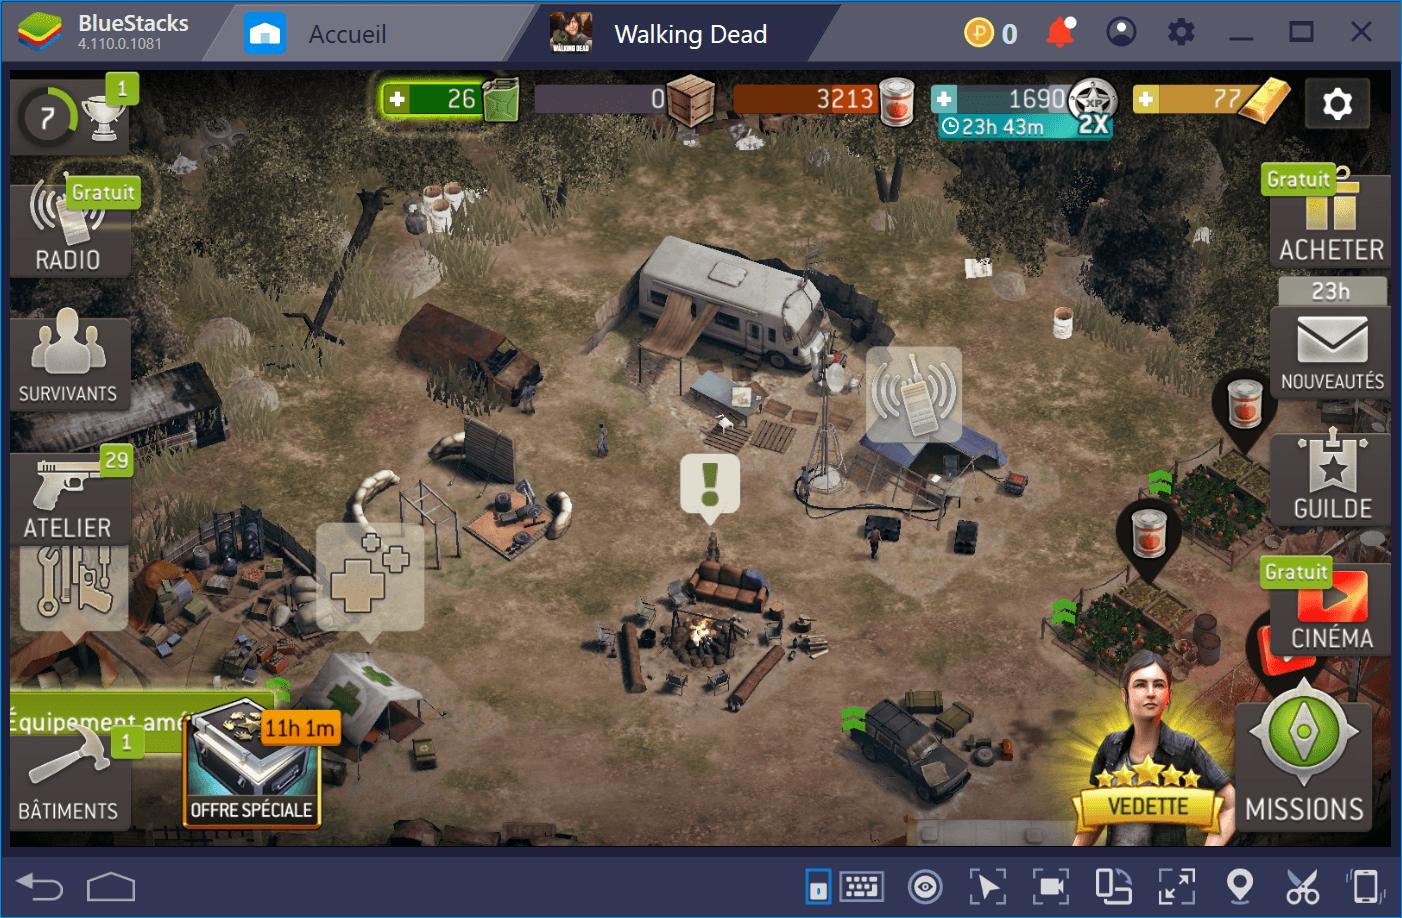 Améliorez-vous dans The Walking Dead No Man's Land avec BlueStacks